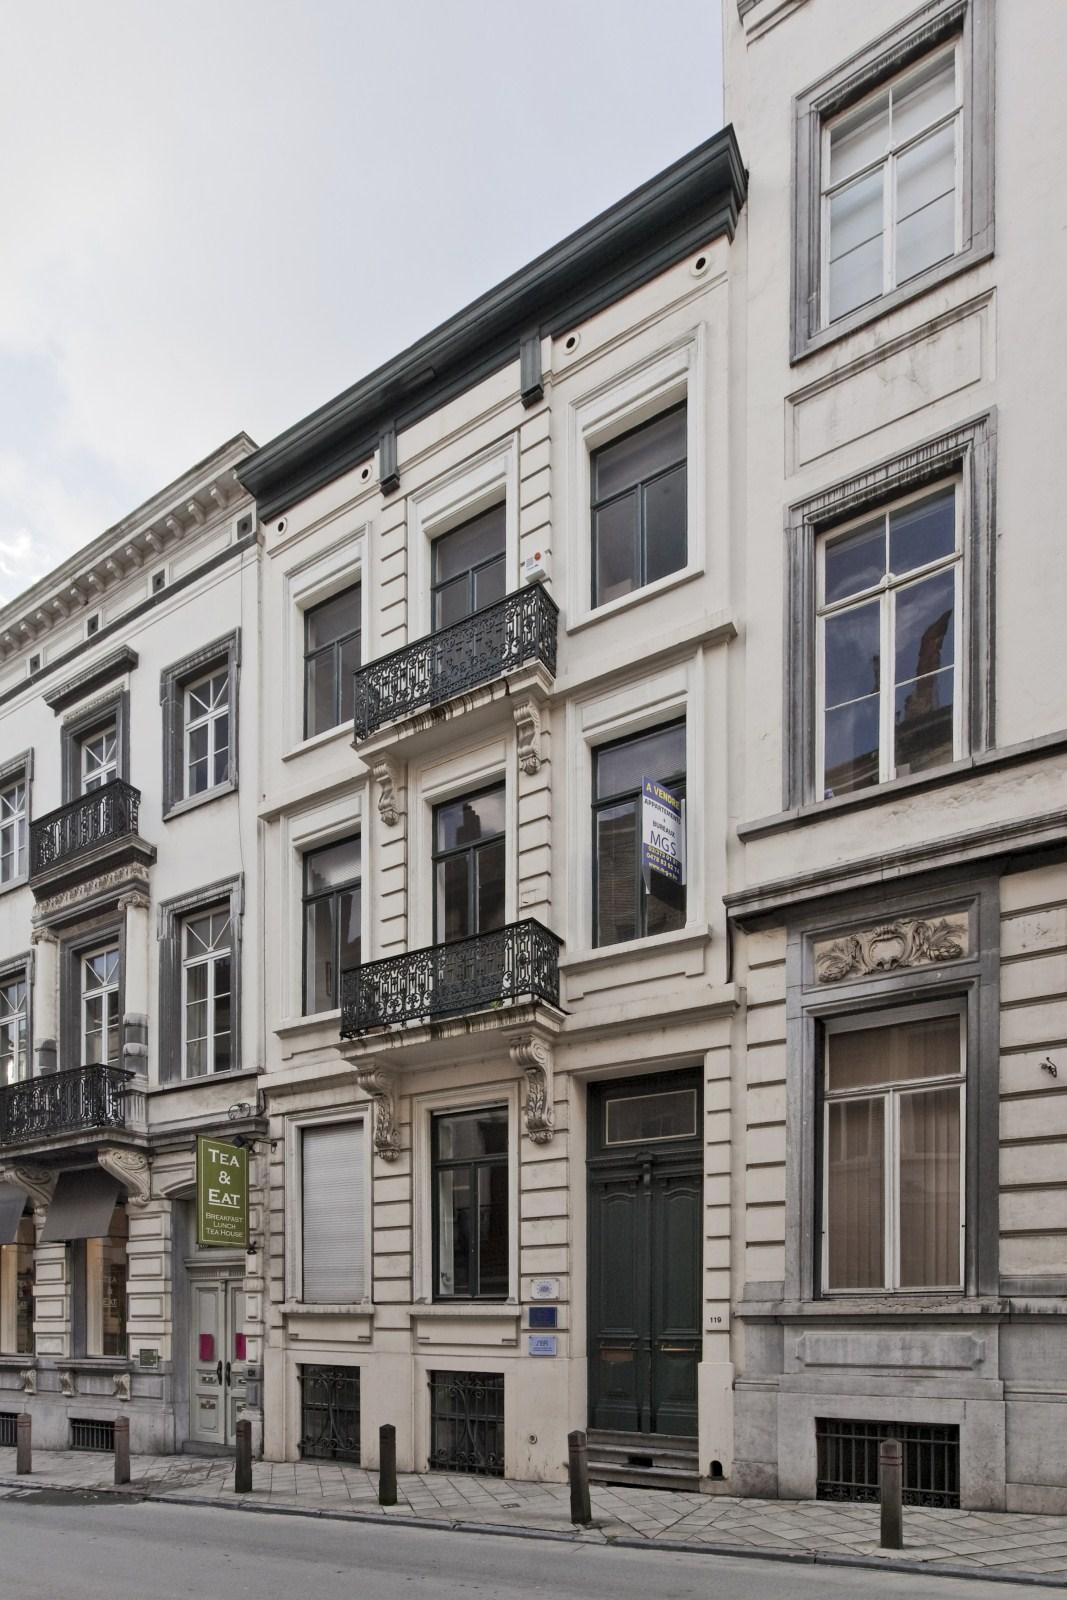 Rue de Stassart 119.© 2009 © bepictures / BRUNETTA V. – EBERLIN M.